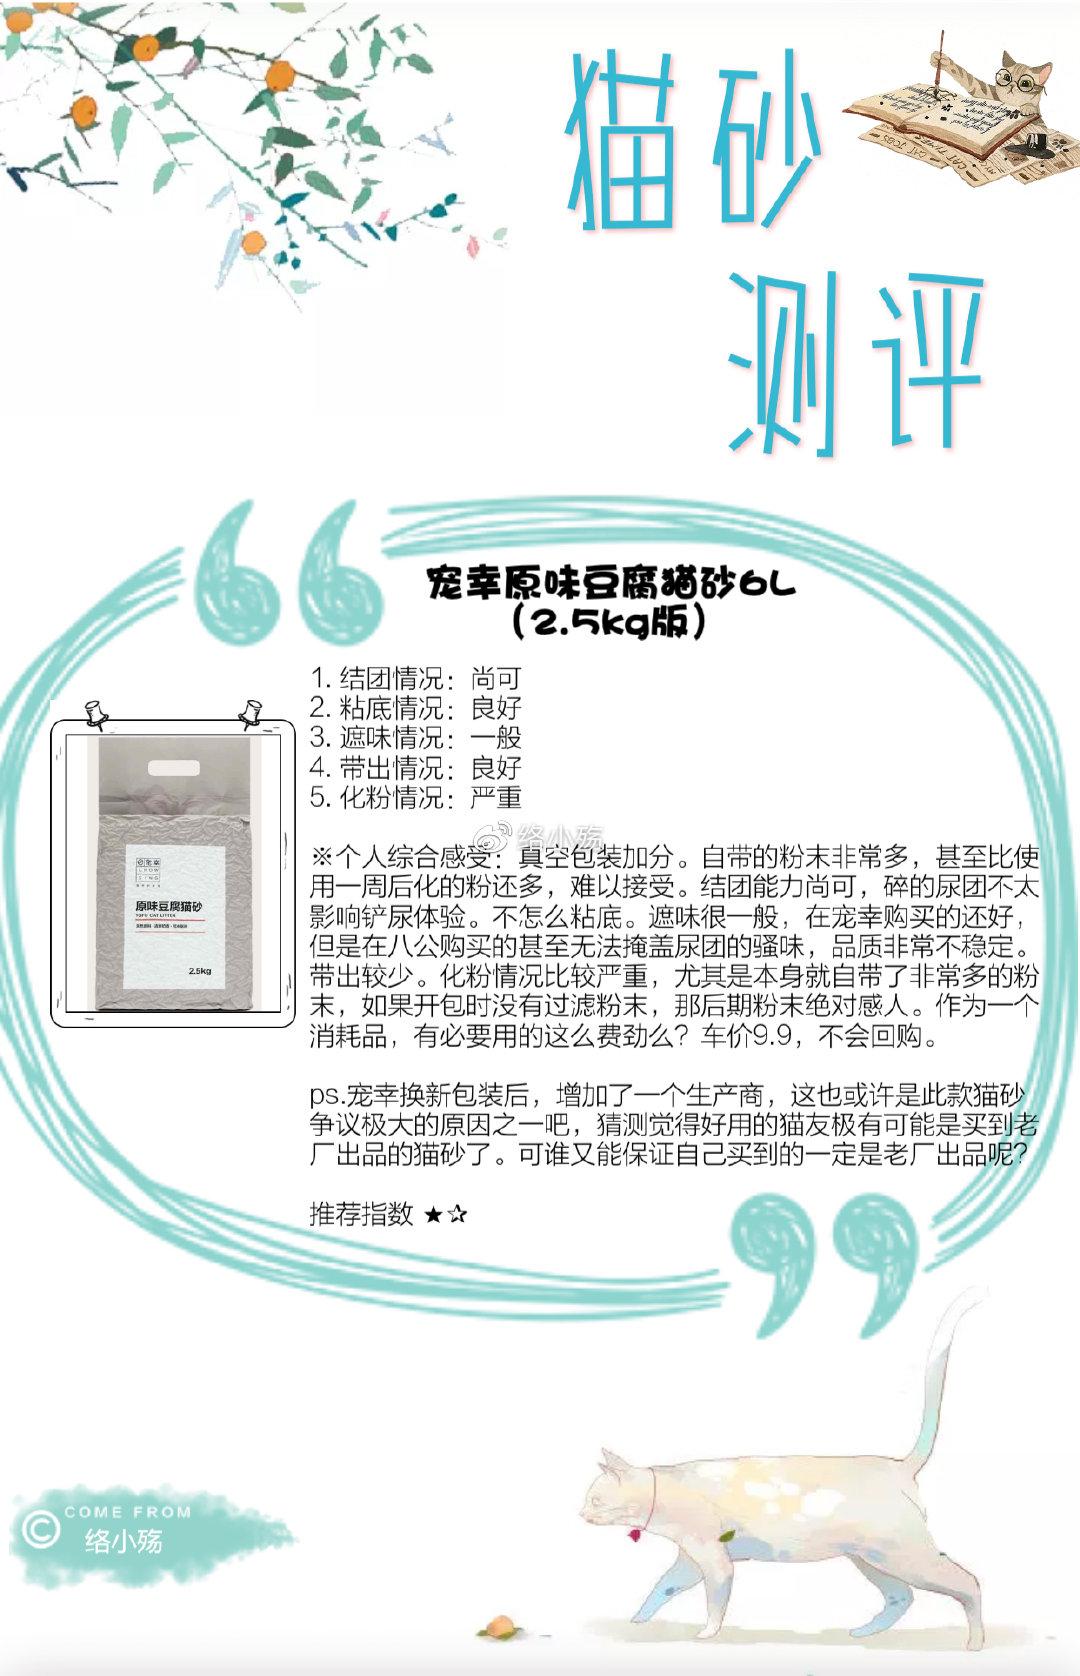 宠幸原味豆腐猫砂6L(2.5kg版)